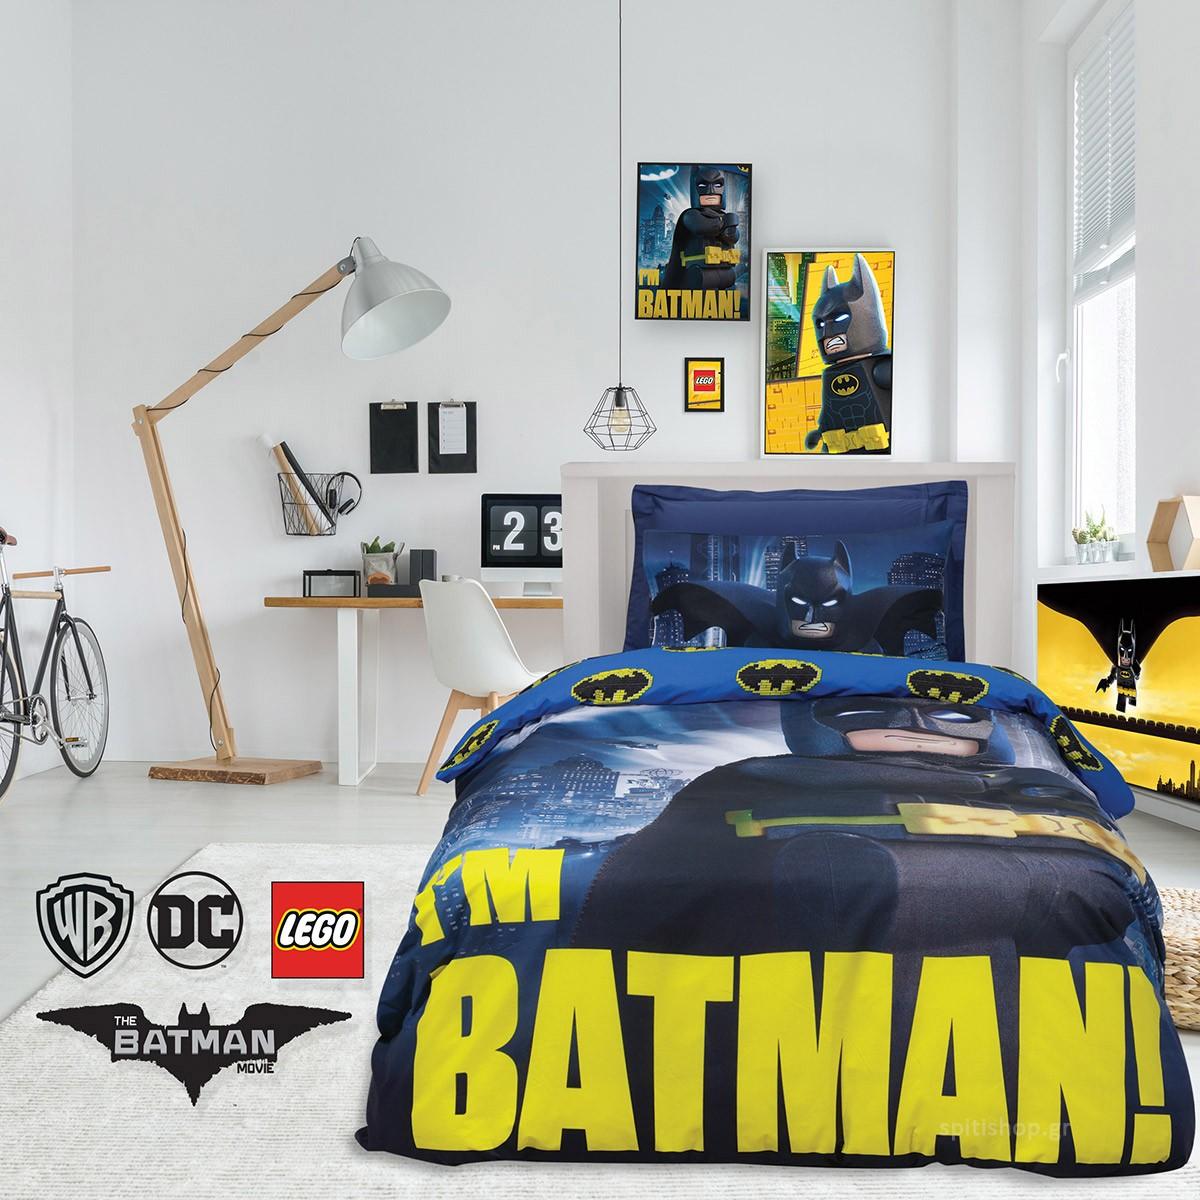 Κουβερλί Μονό (Σετ) Das Home Lego Batman 5003